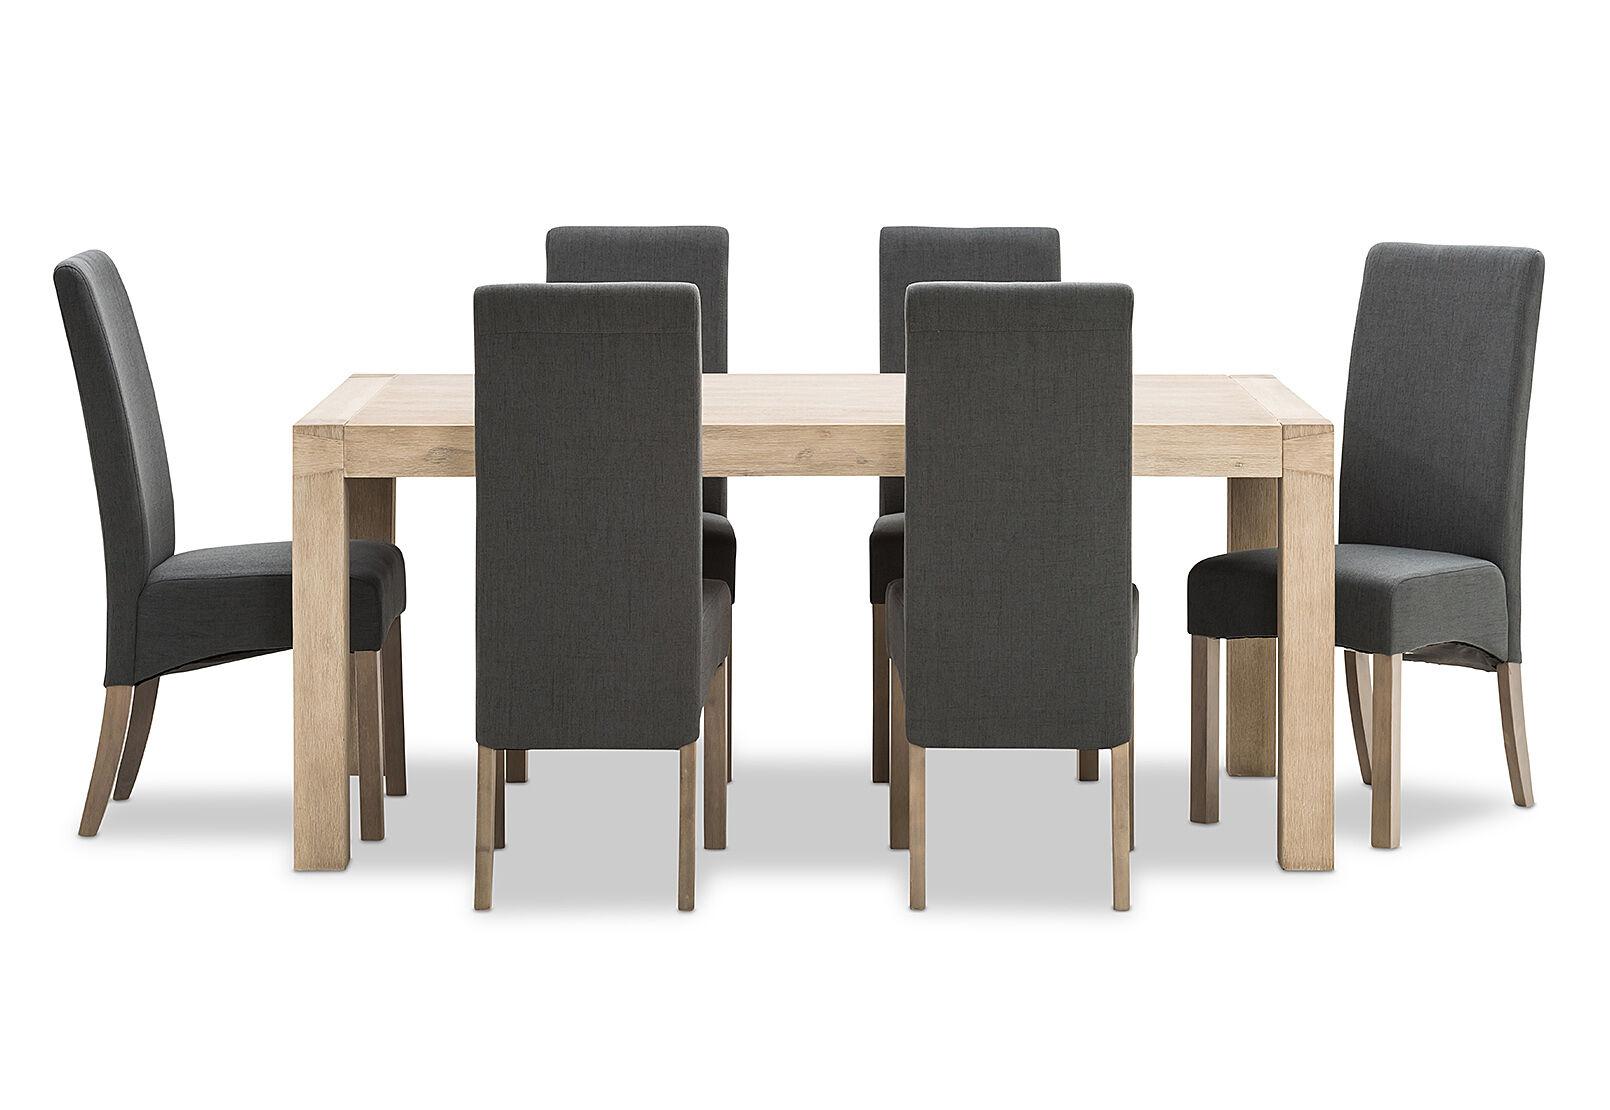 7 Piece Dining Suite Swindon 7 Piece Dining Suite Amart Furniture